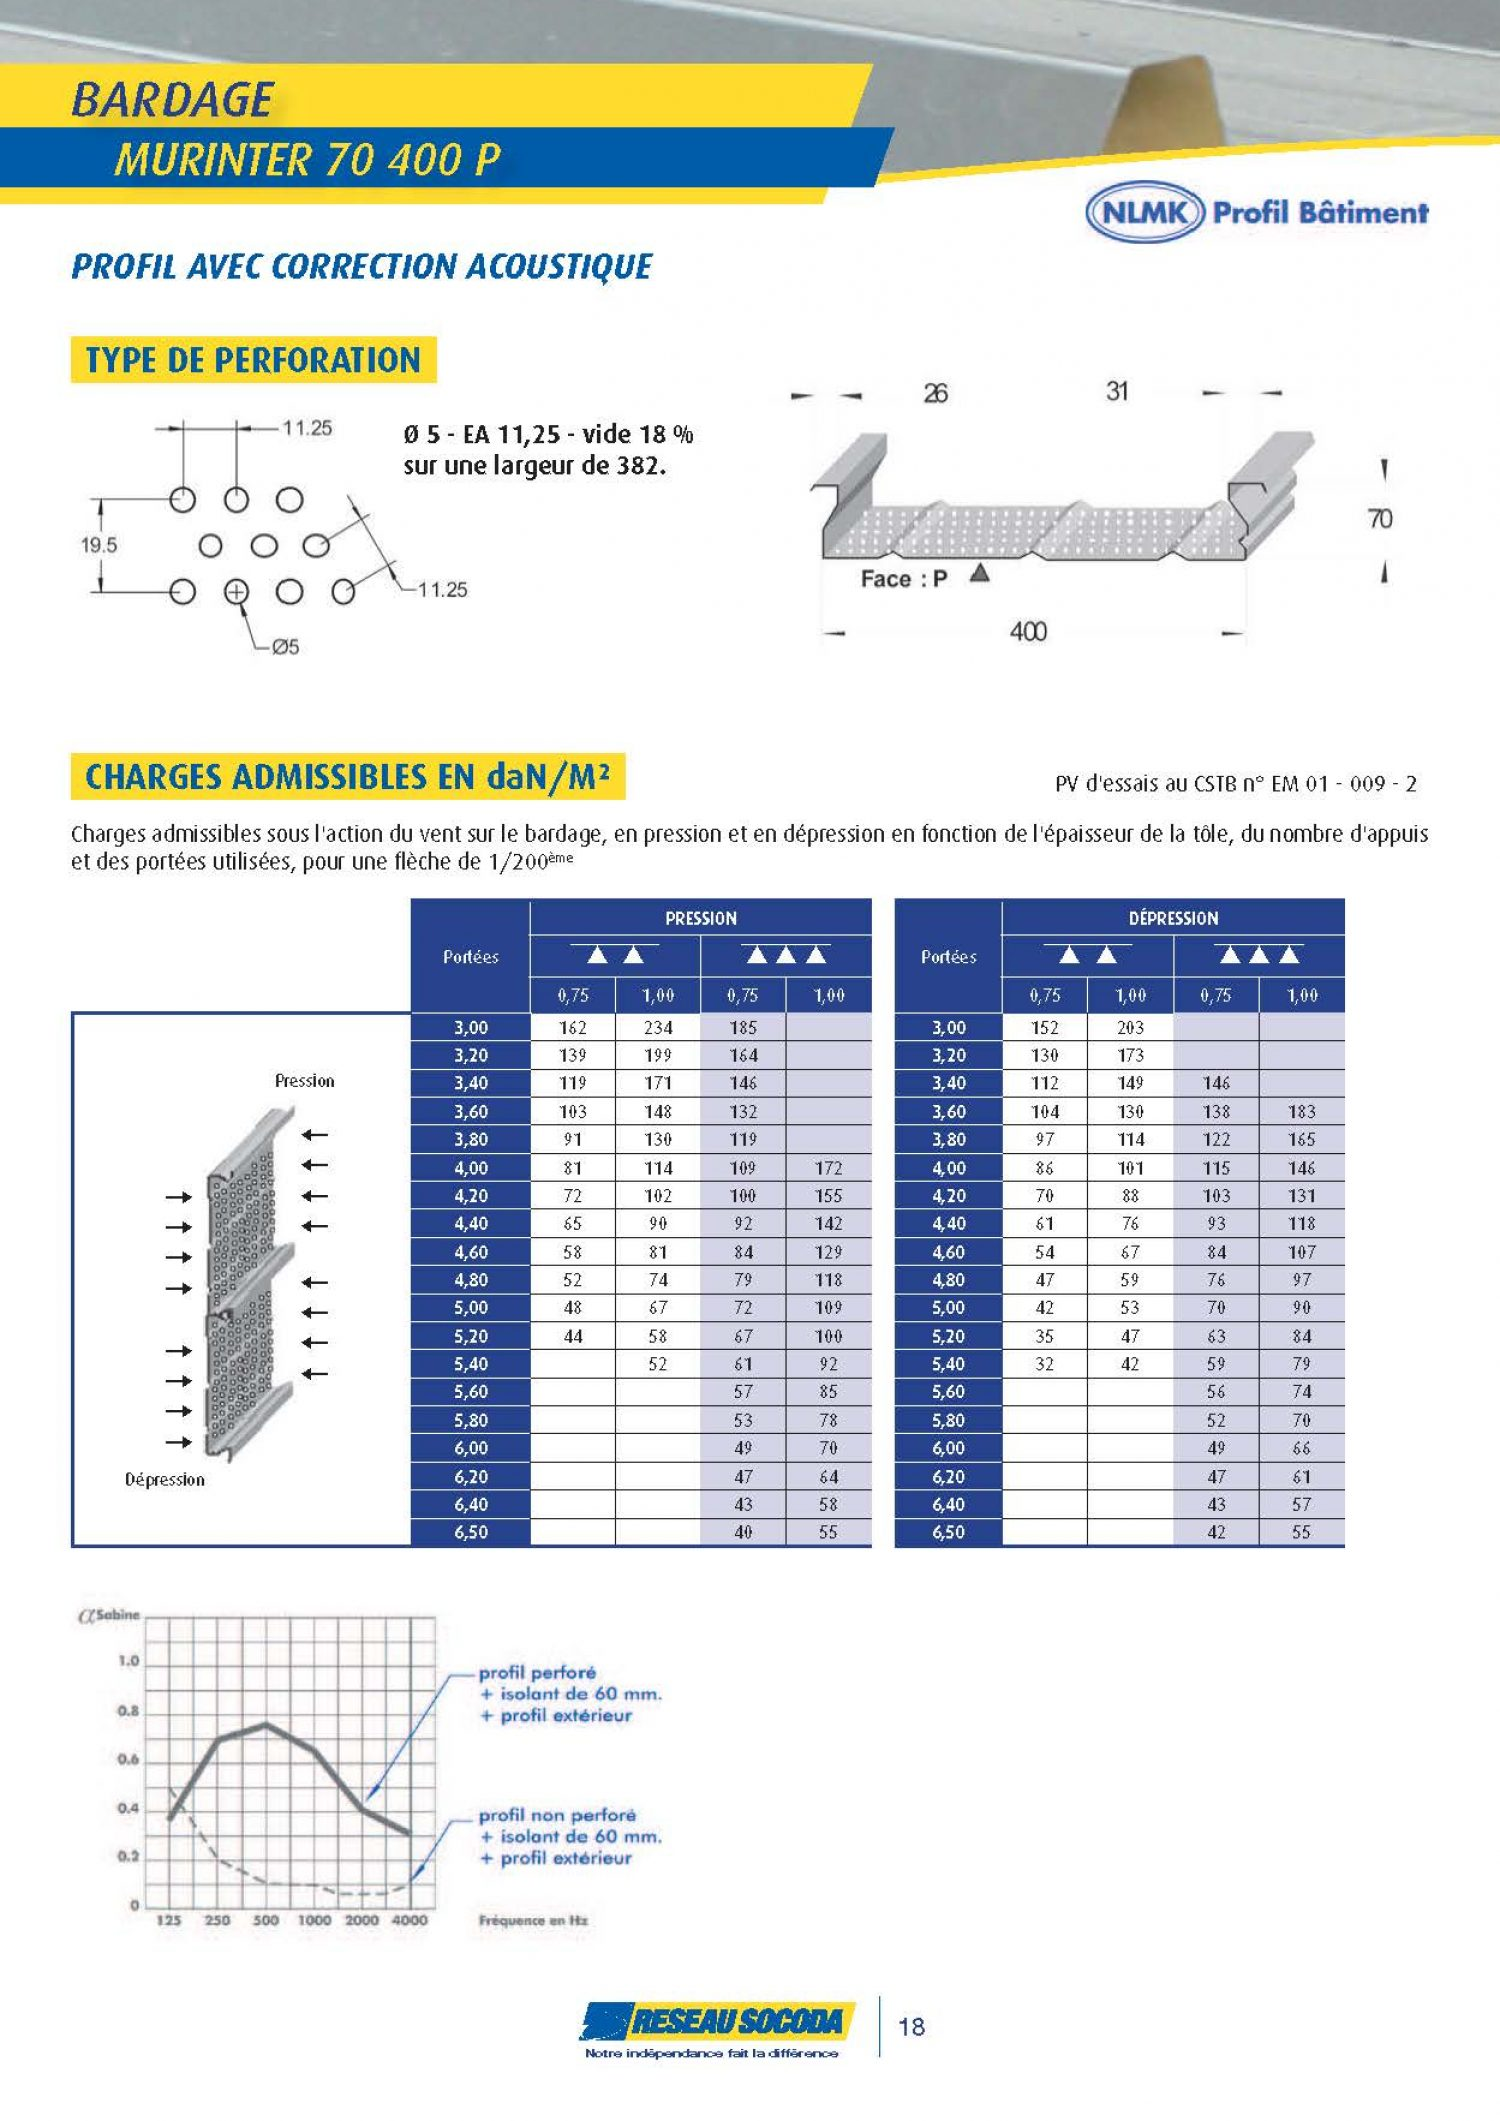 GERMOND_2014 PROFIL BATIMENT_20140324-184231_Page_18